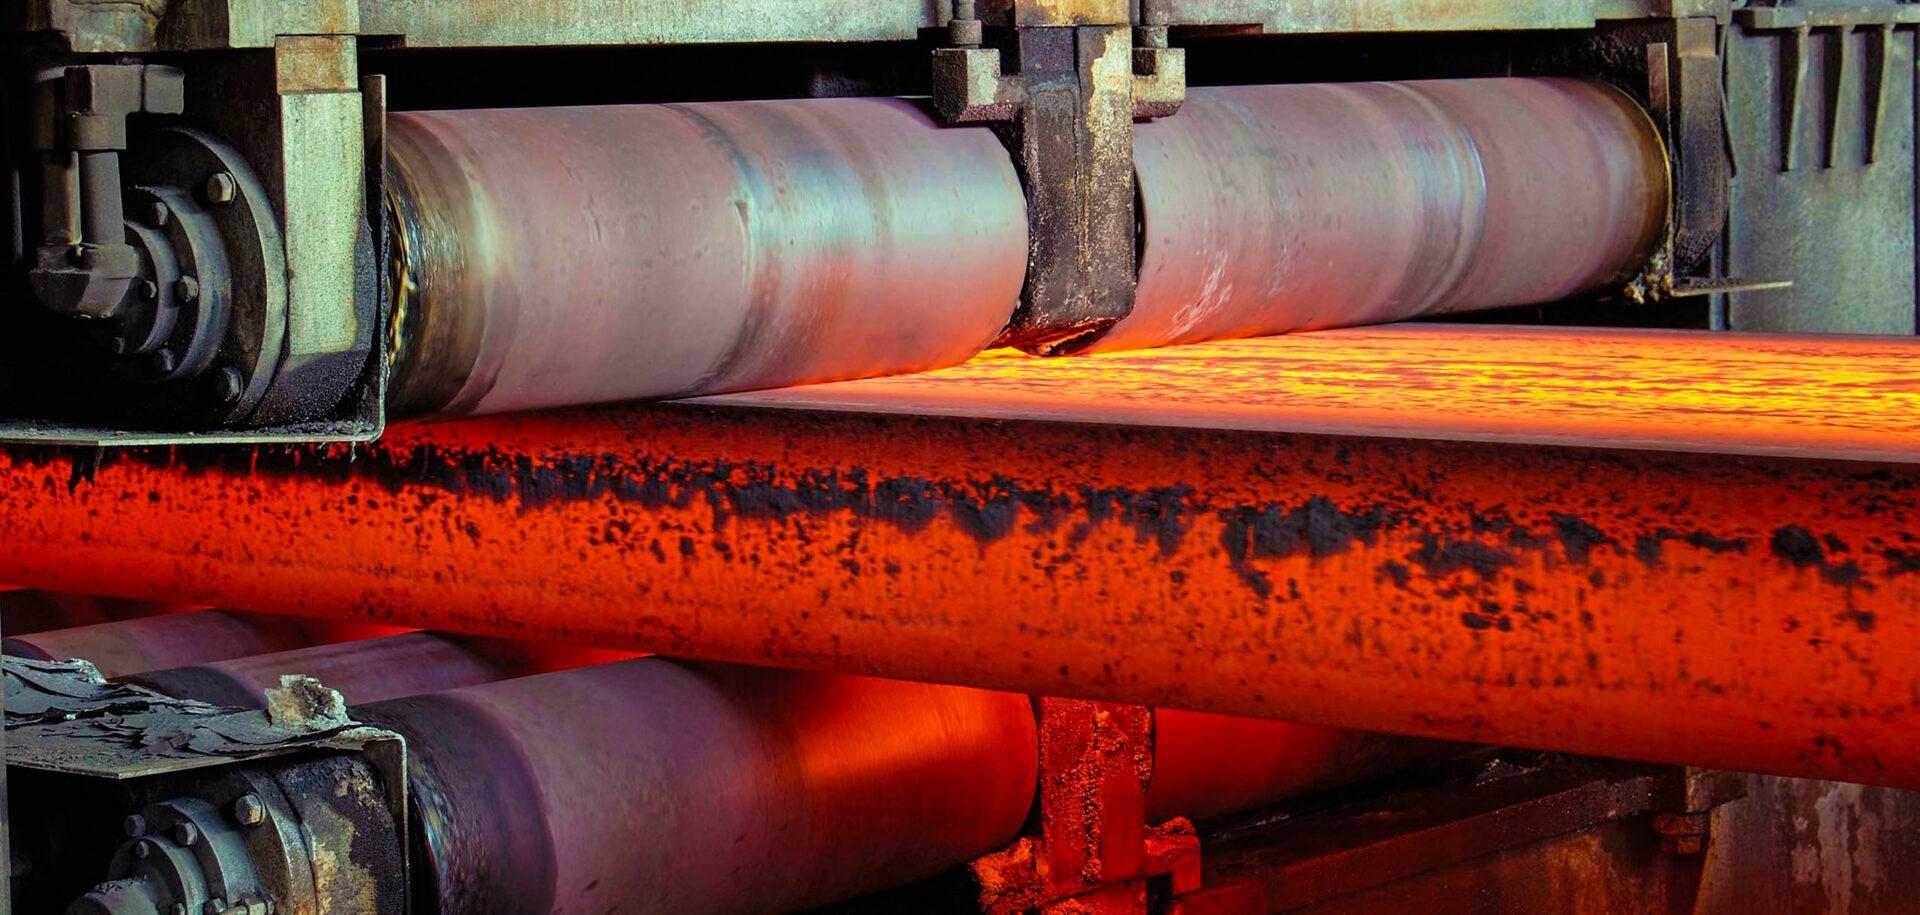 Подшипники для машин непрерывного литья заготовок (МНЛЗ) работают в чрезвычайно тяжёлых условиях и крайне загрязнённой среде.